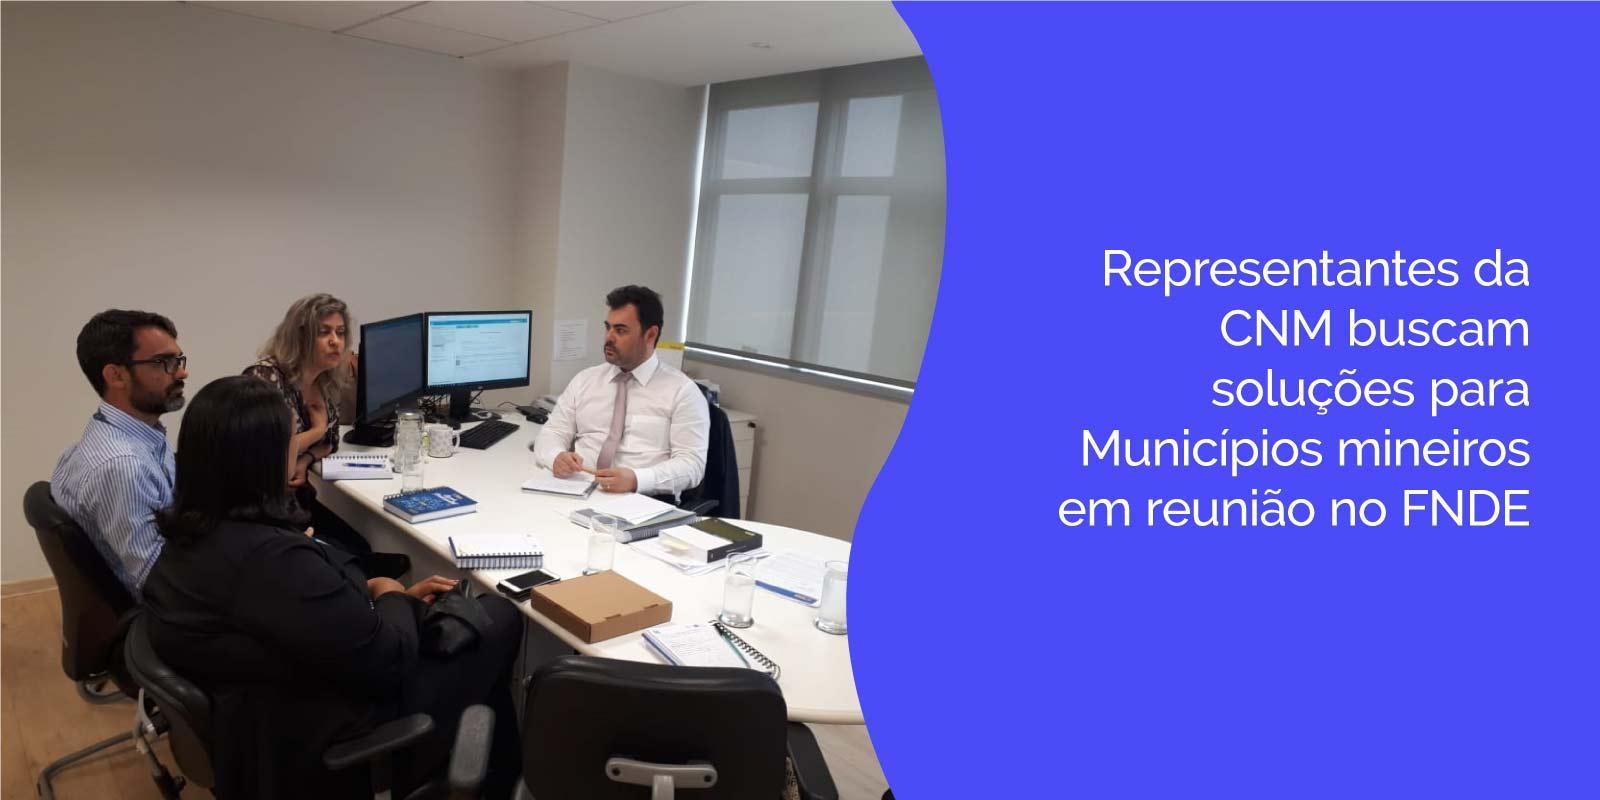 Representantes da CNM buscam soluções para Municípios mineiros em reunião no FNDE